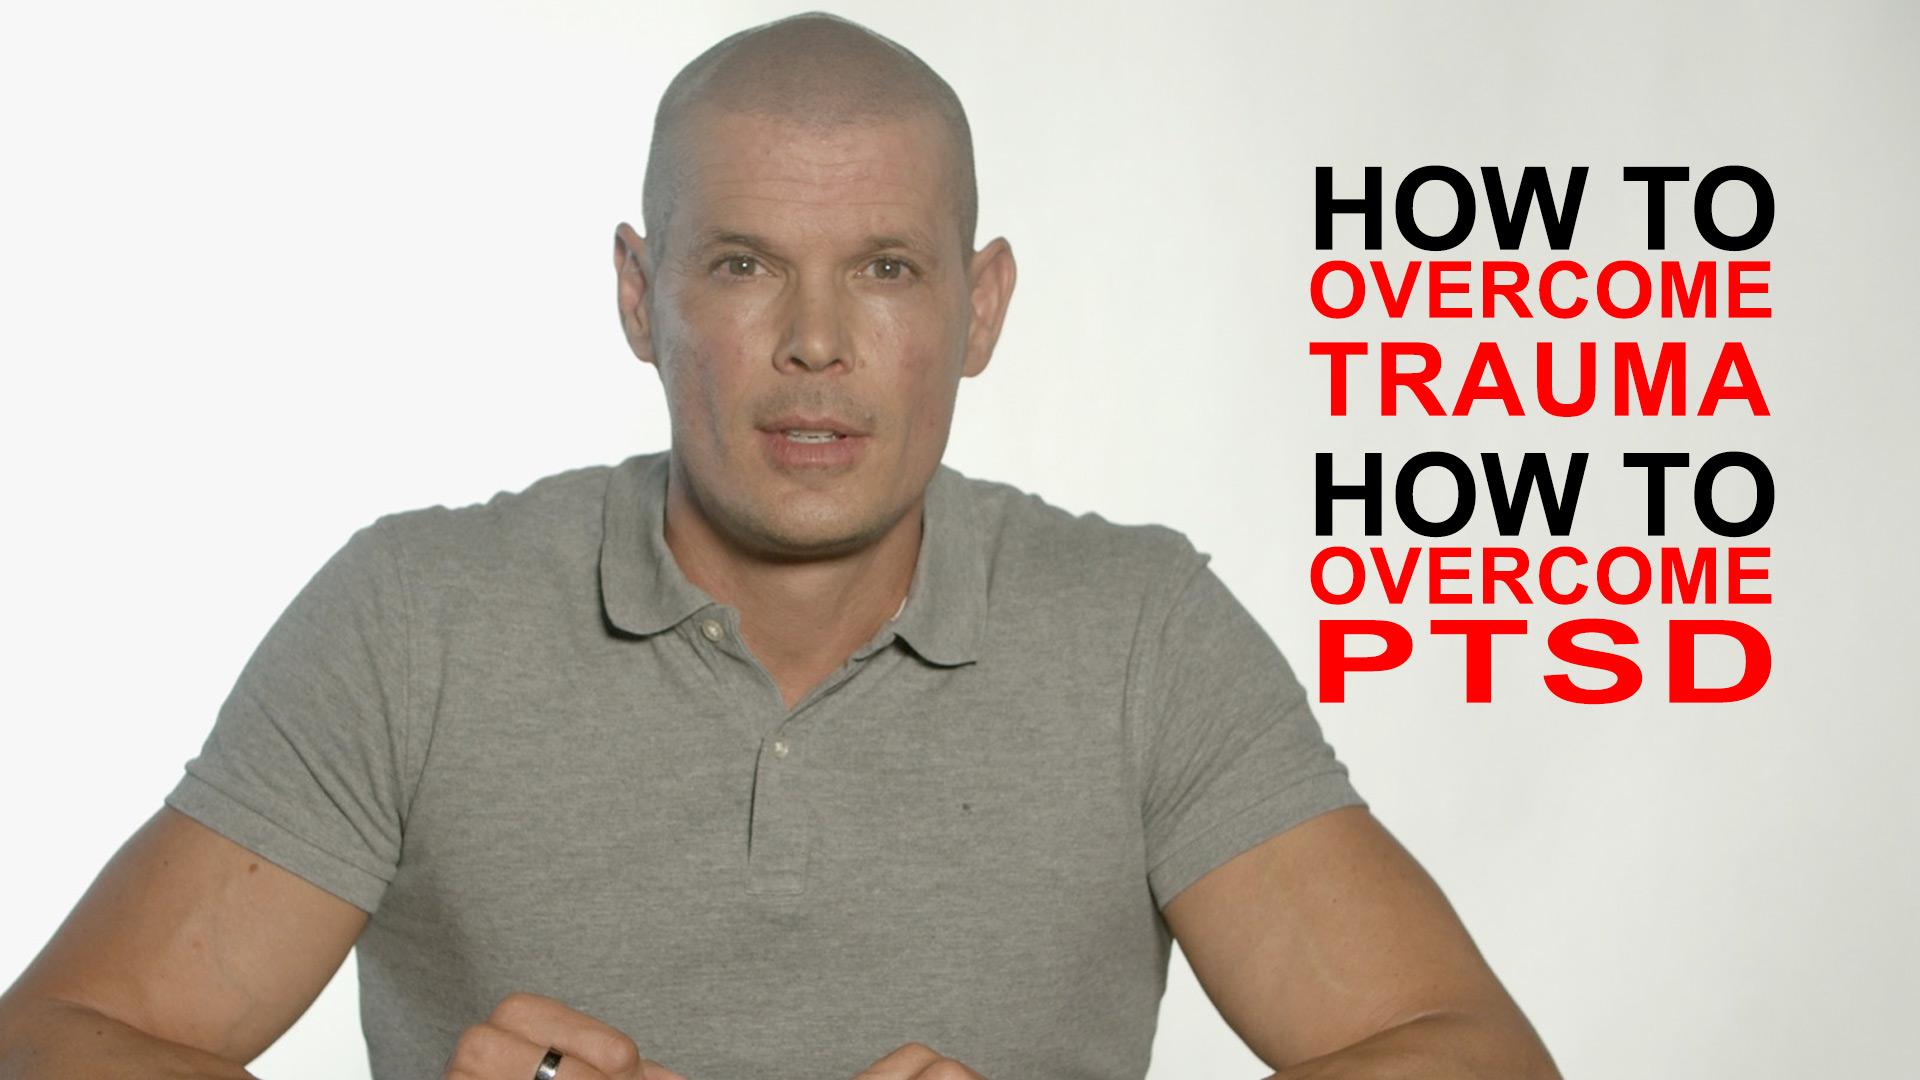 How to overcome trauma How to overcome PTSD